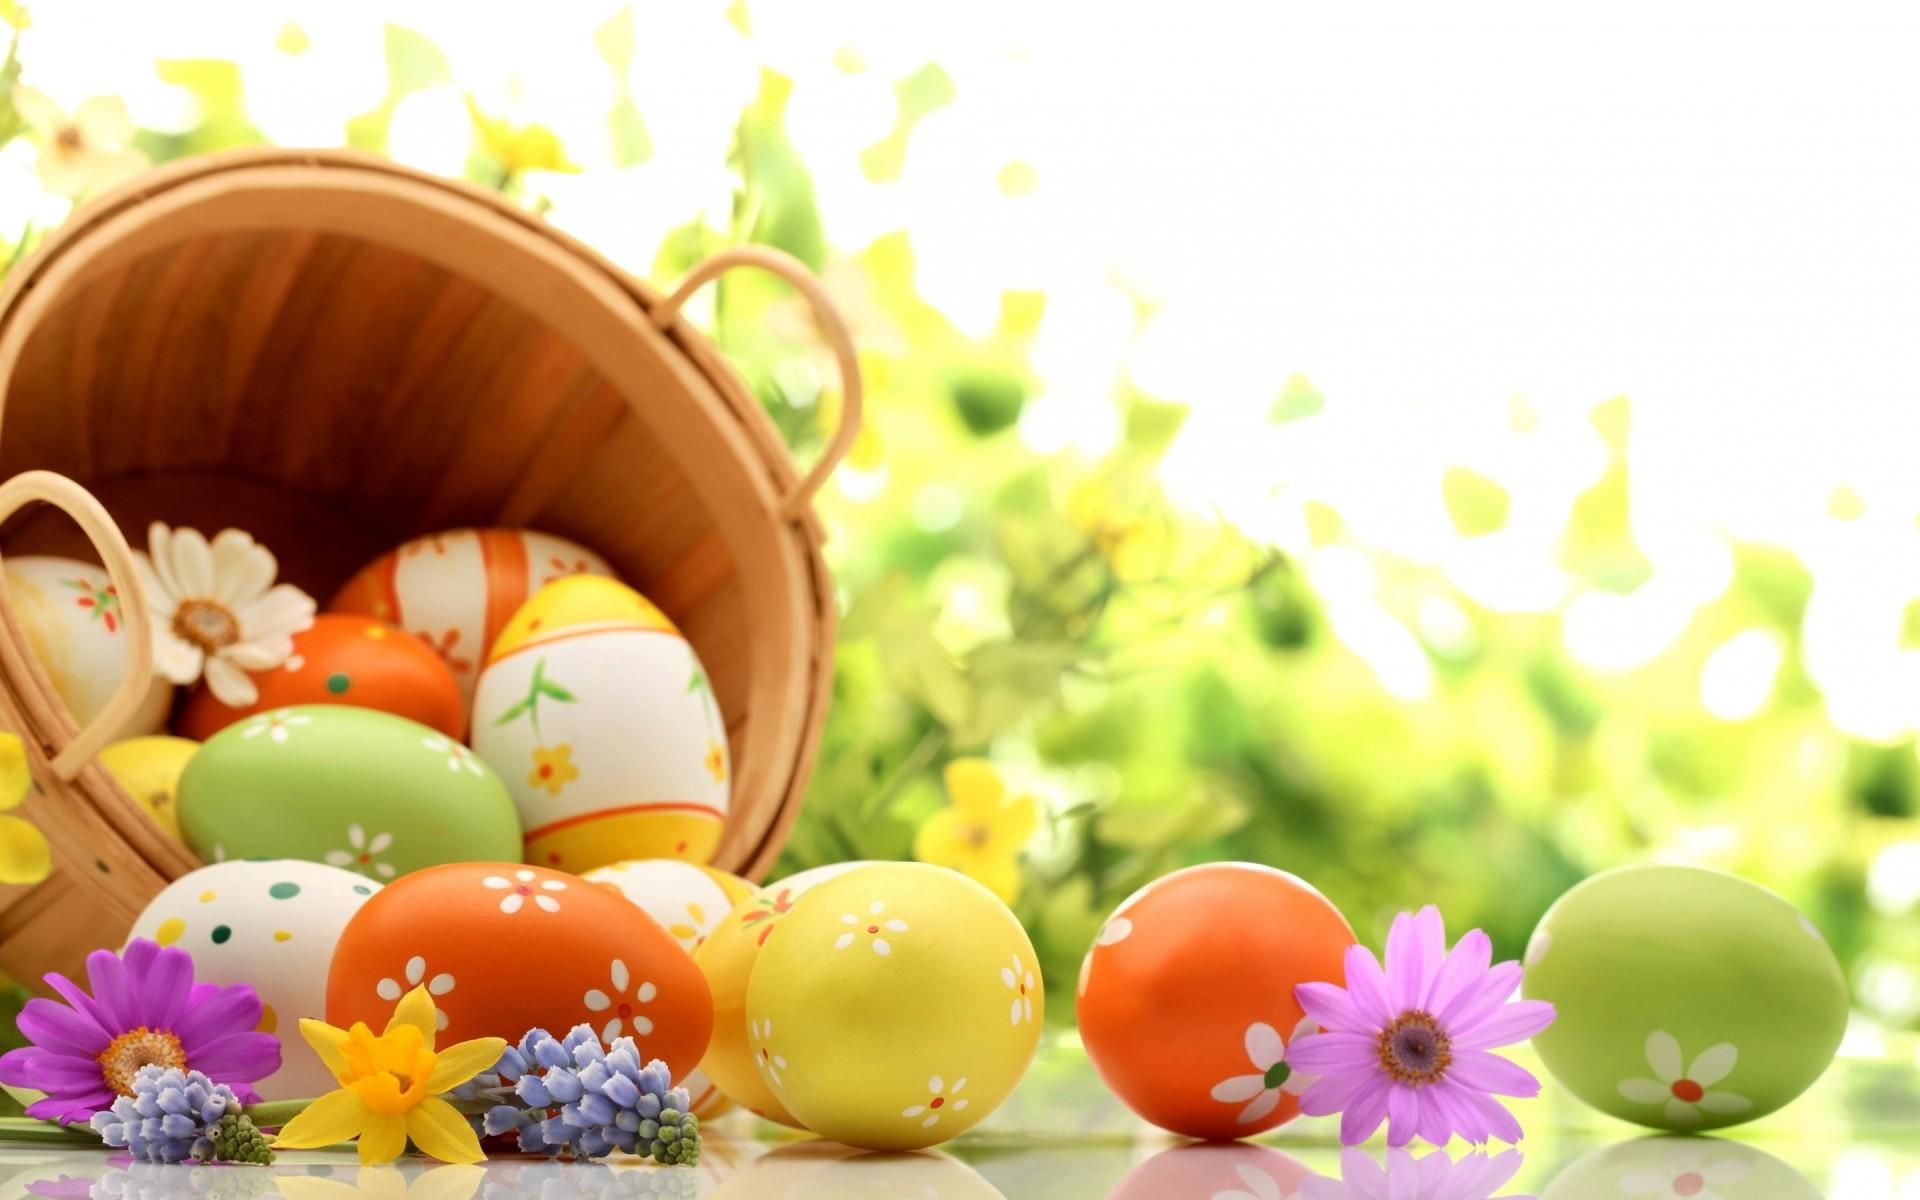 Cute Easter Egg Wallpaper (08)